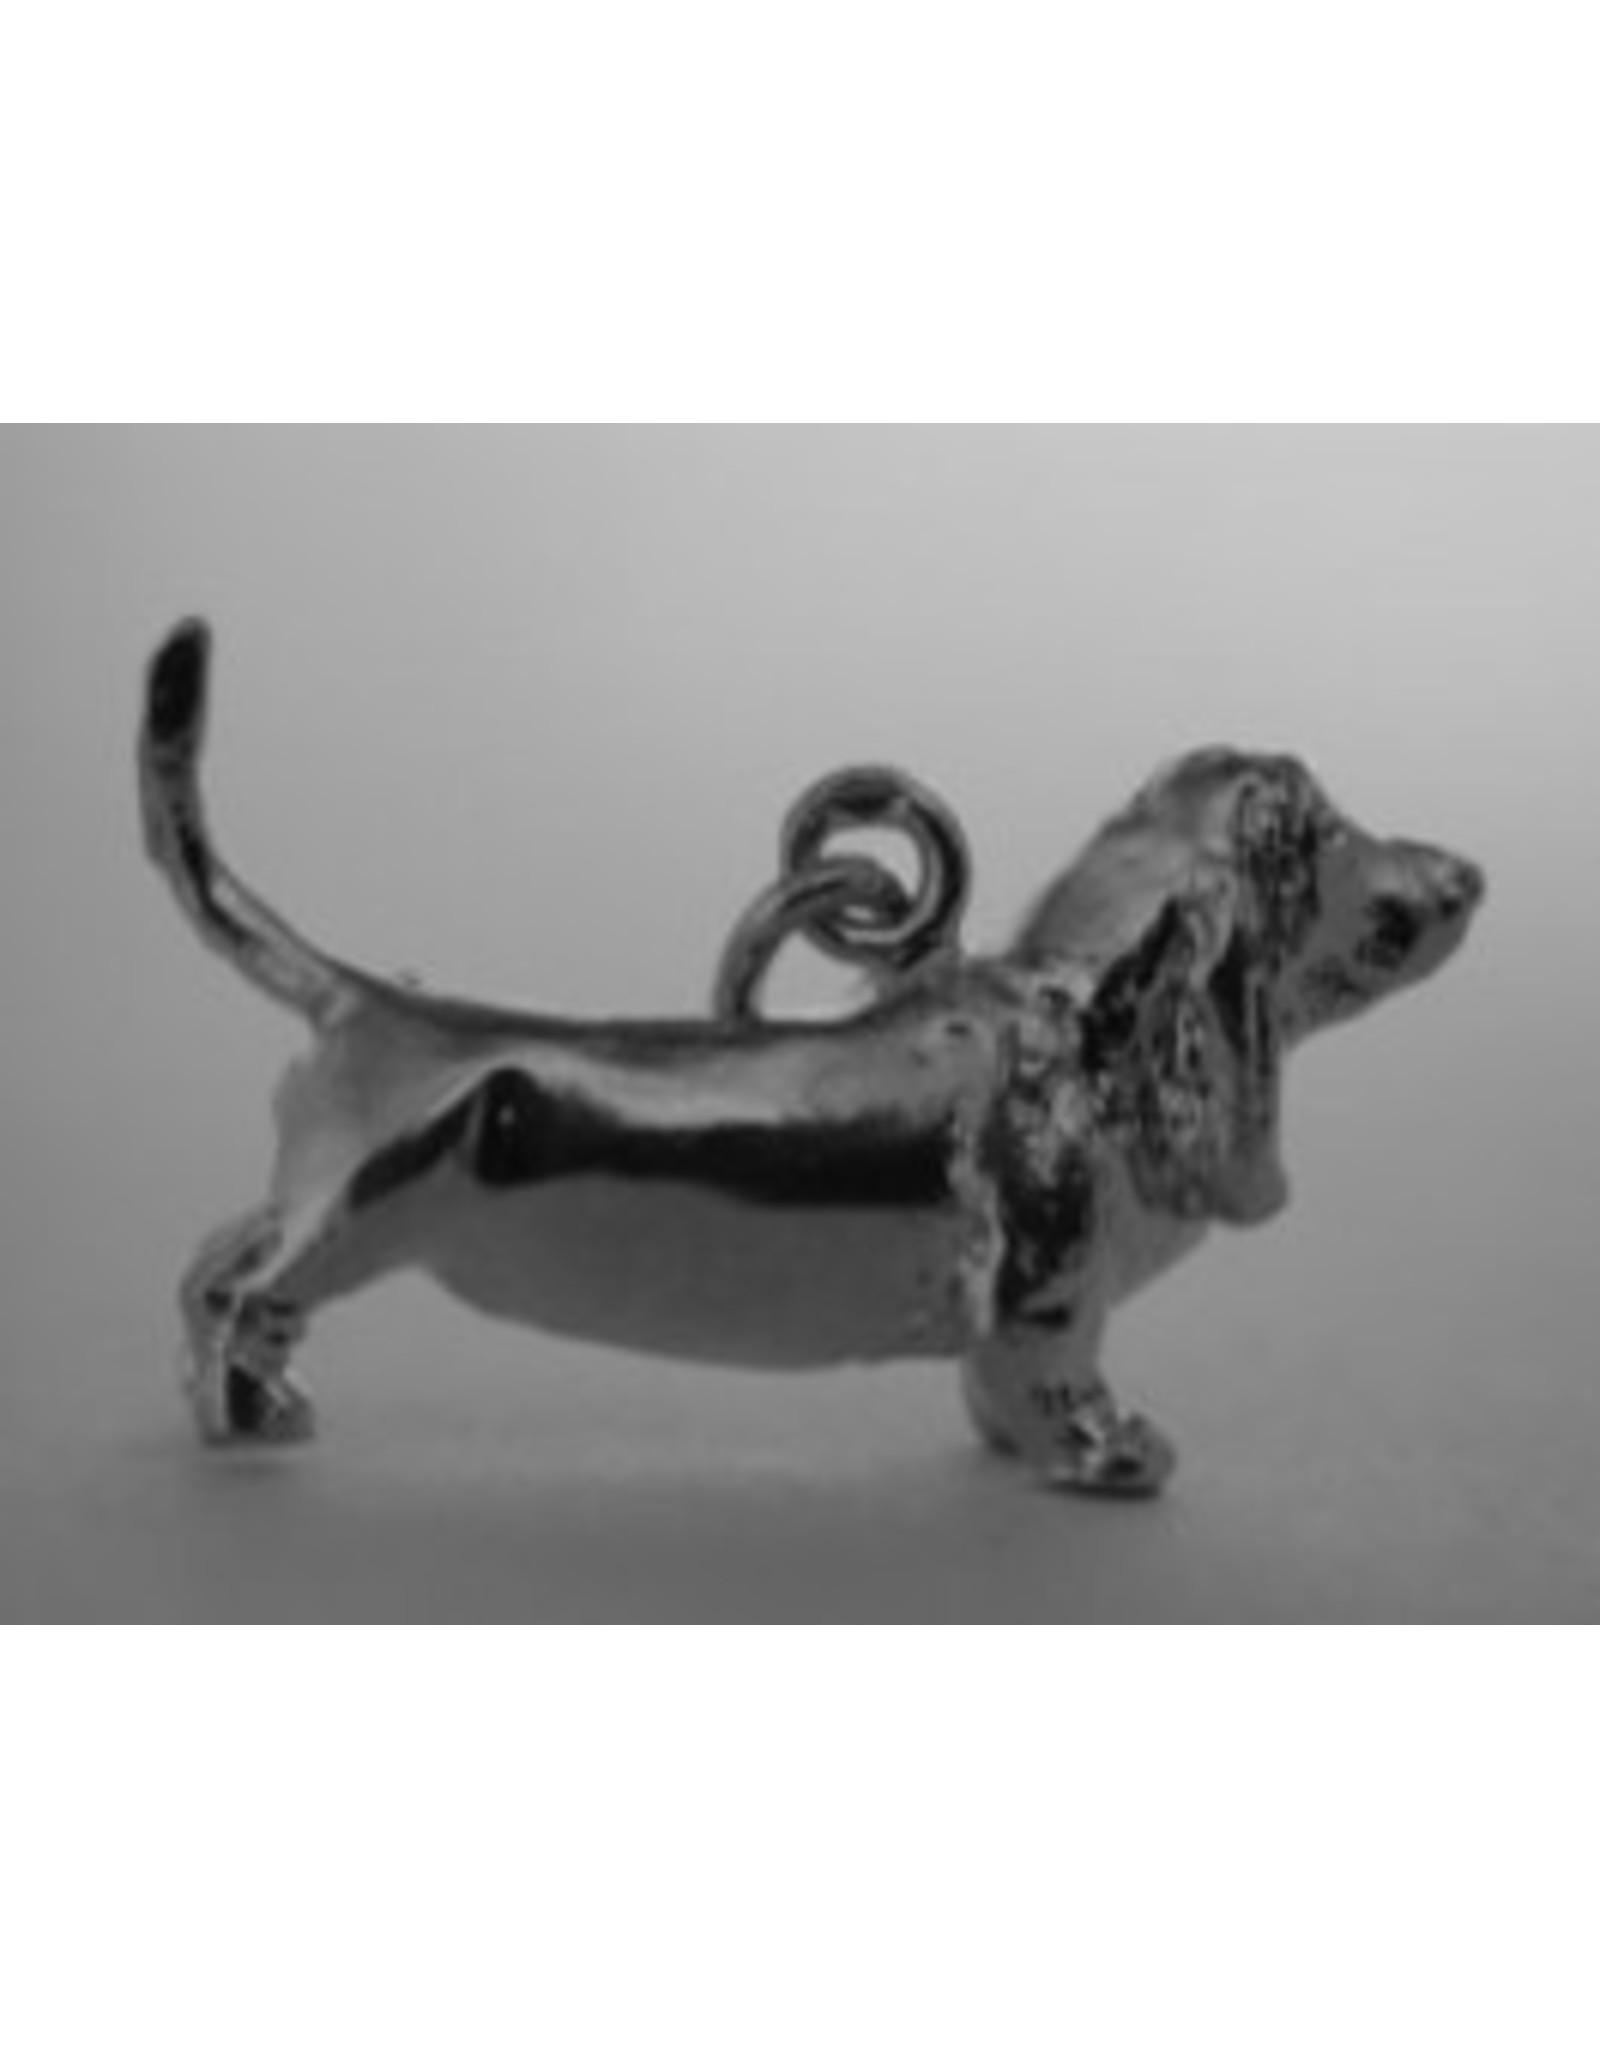 Handmade by Hanneke Weigel Zilveren Basset hound